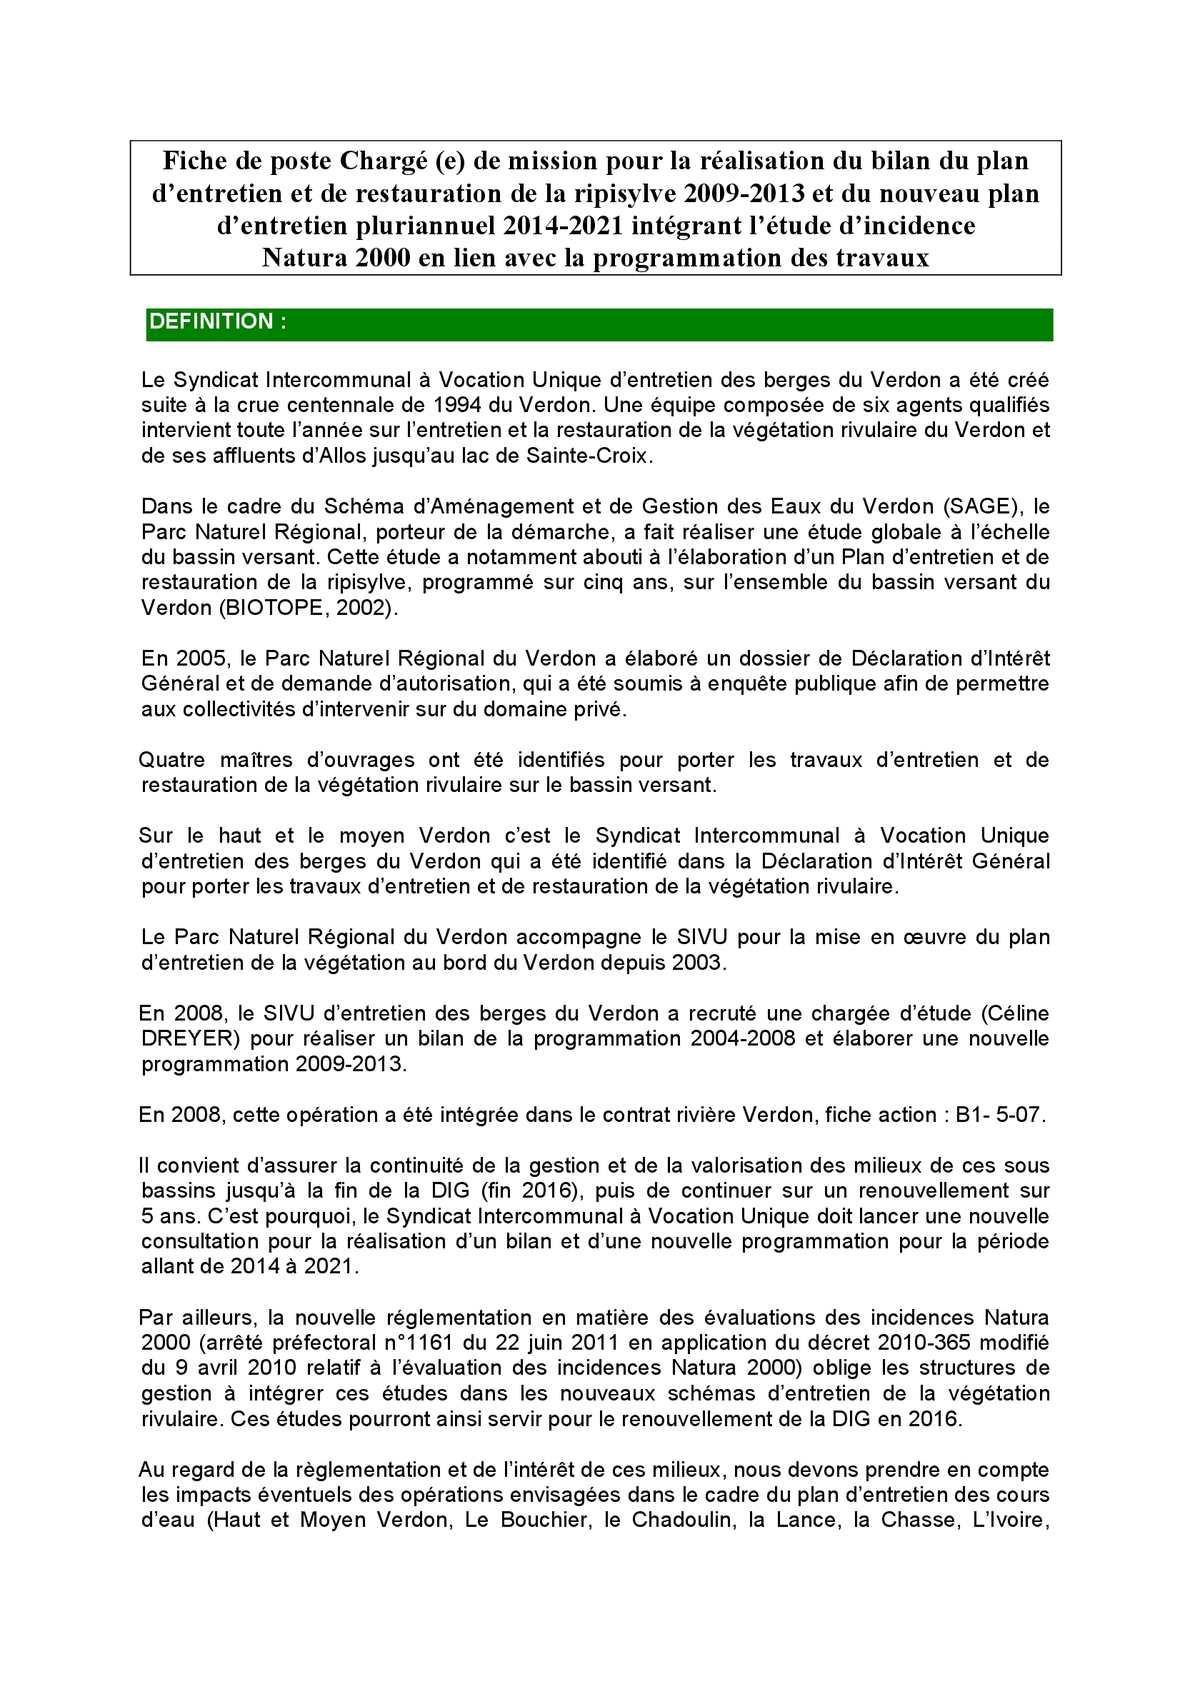 Calameo Fiche Charge De Poste Sivu Des Berges Du Verdon